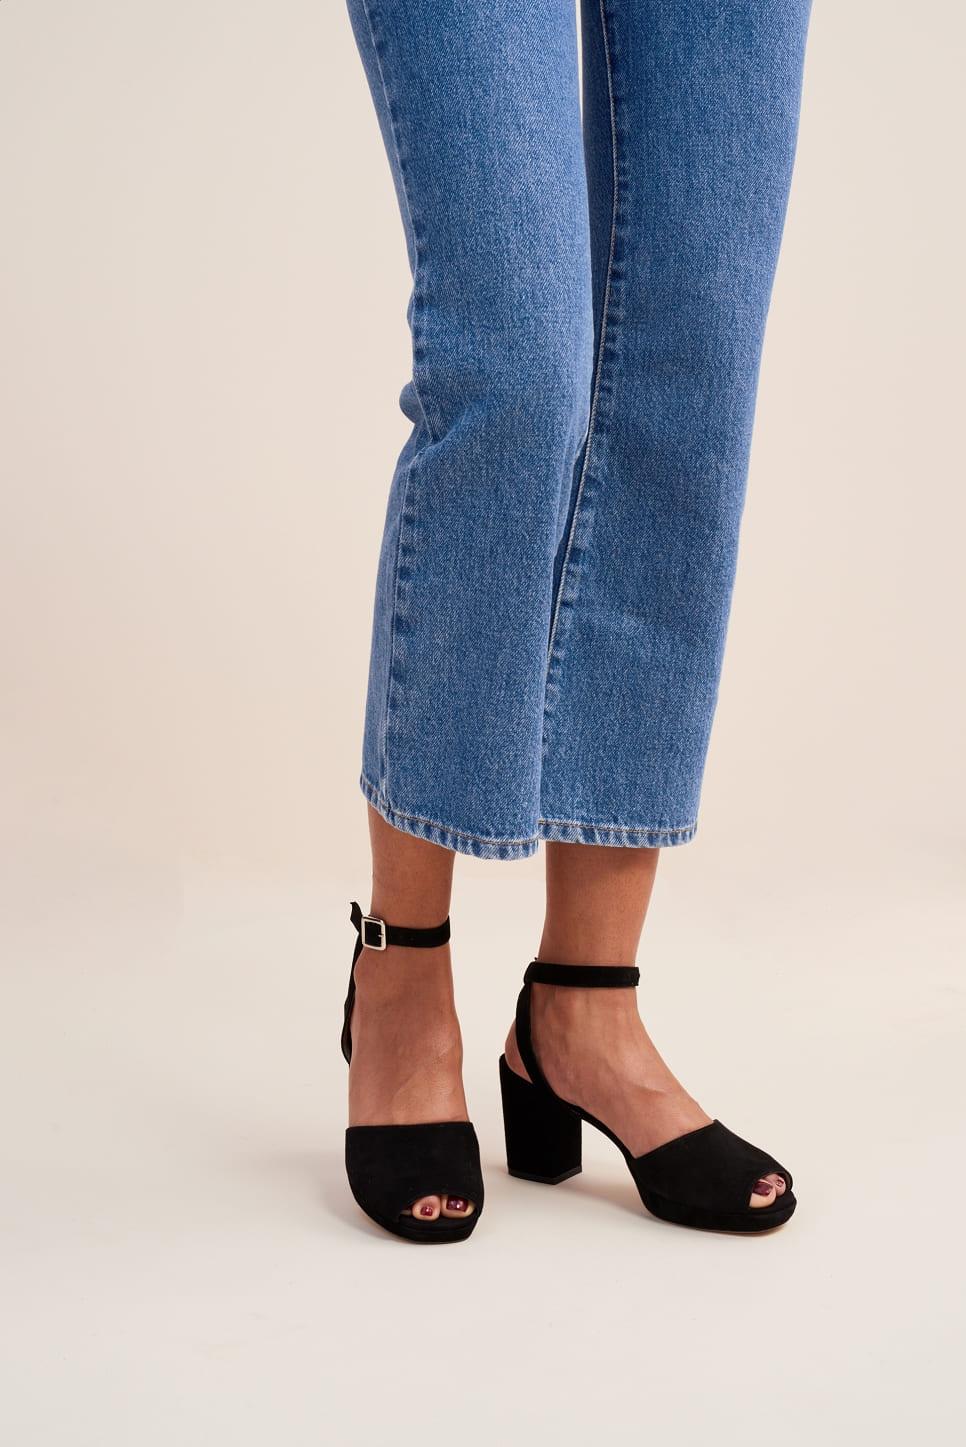 Sandales FRIDA